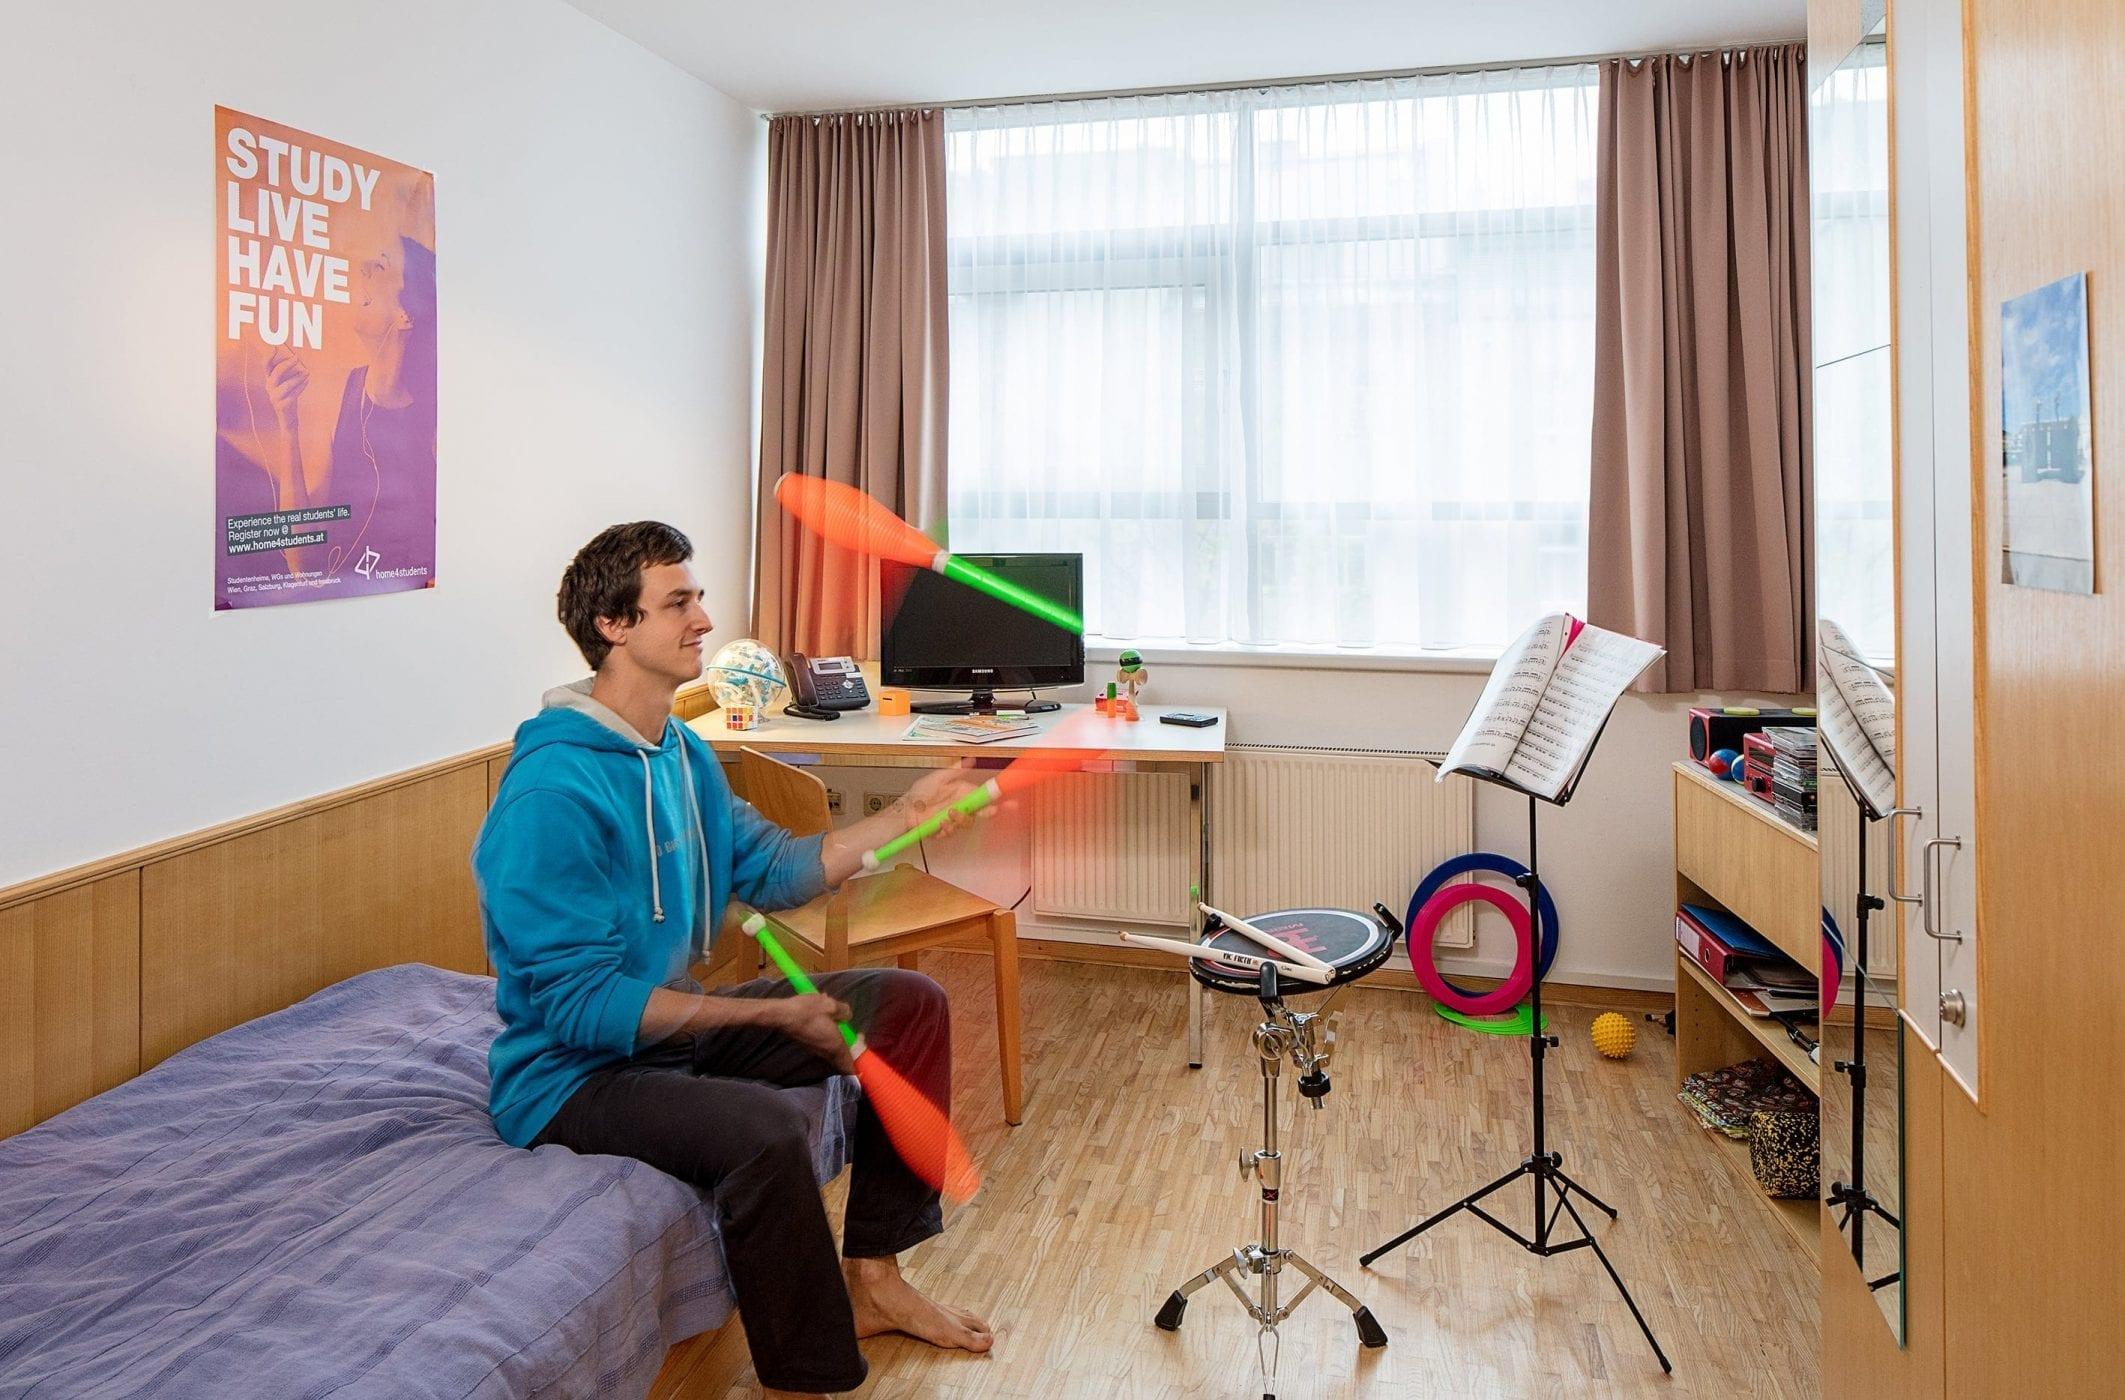 Einzelzimmer, jonglierender Bewohner